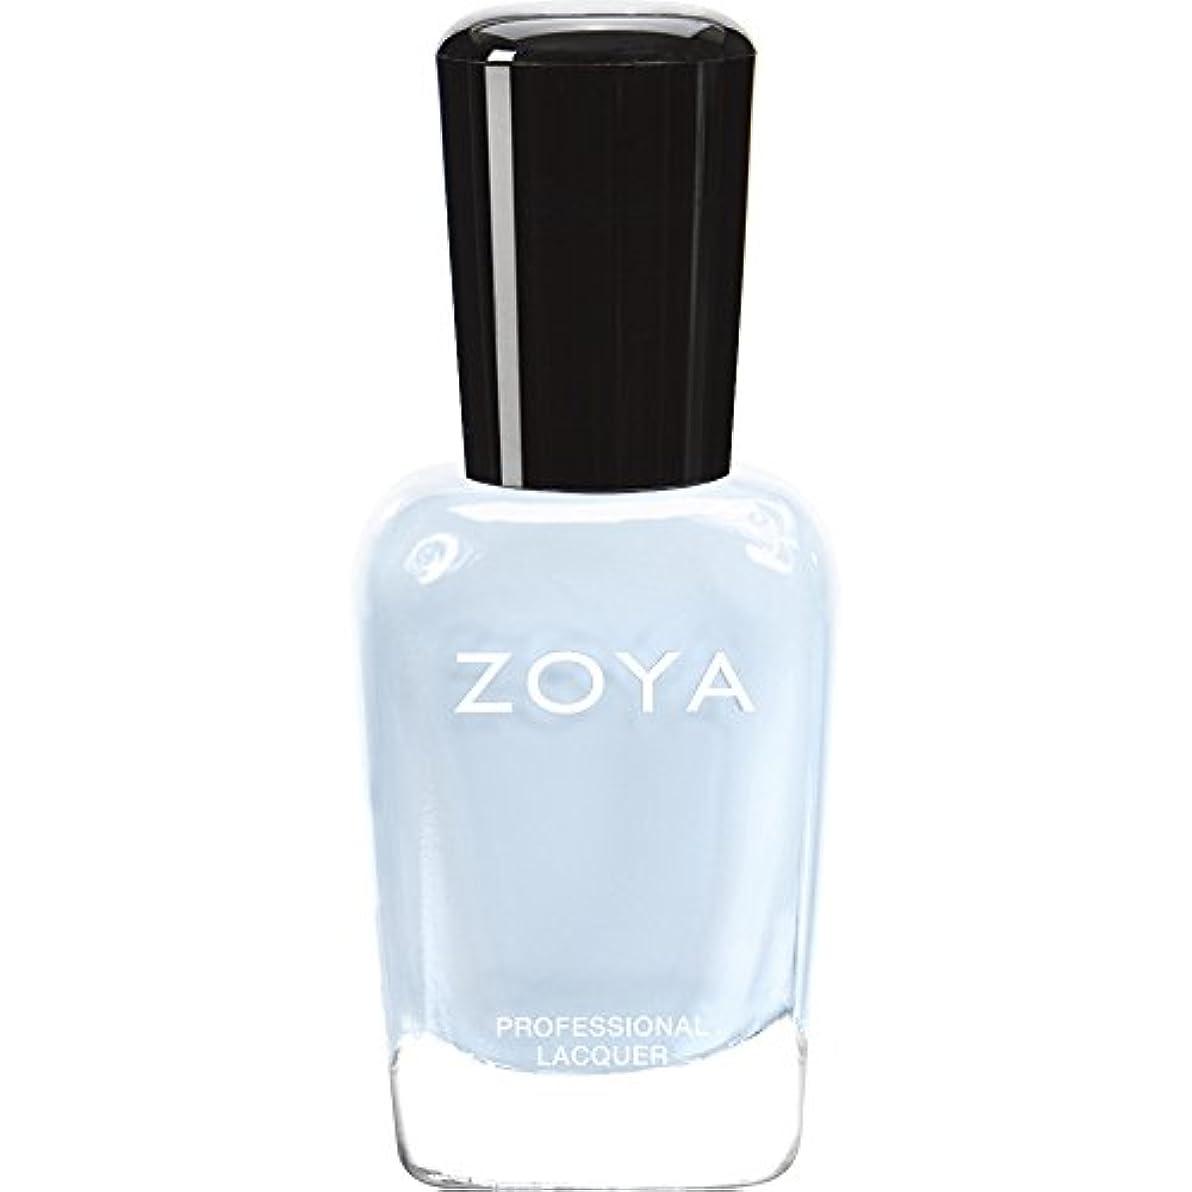 ベーカリーグリーンバックチューブZOYA ゾーヤ ネイルカラー ZP653 BLU ブルー 15ml  2012 LOVELY COLLECTION 光沢のある淡いベビーブルー マット 爪にやさしいネイルラッカーマニキュア